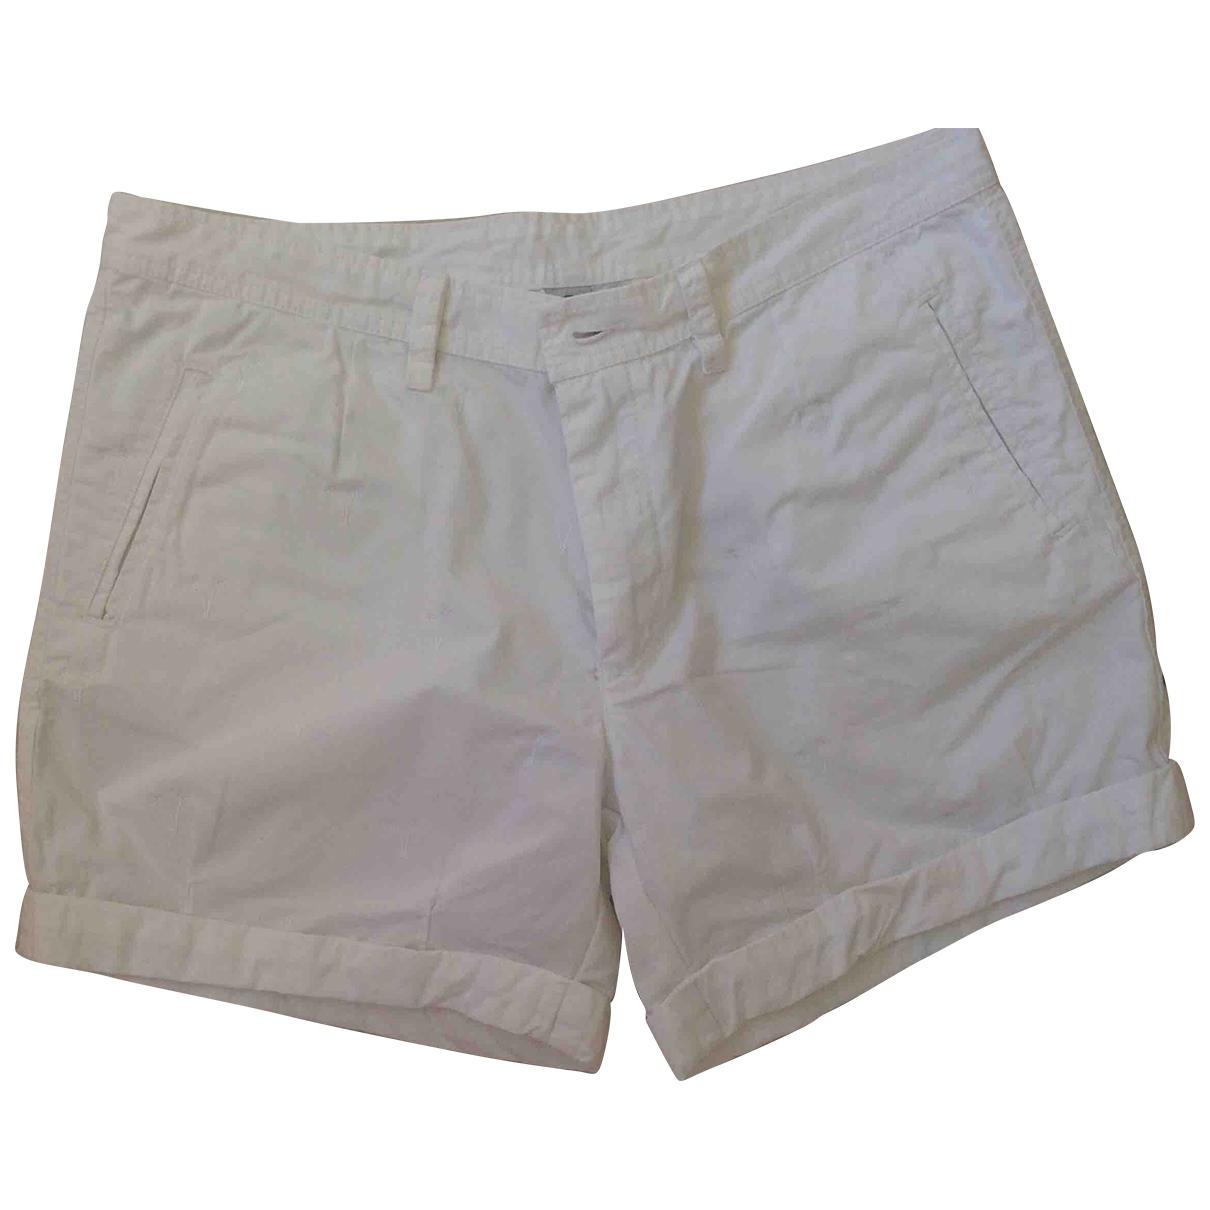 Bogner \N White Cotton Shorts for Women 10 US